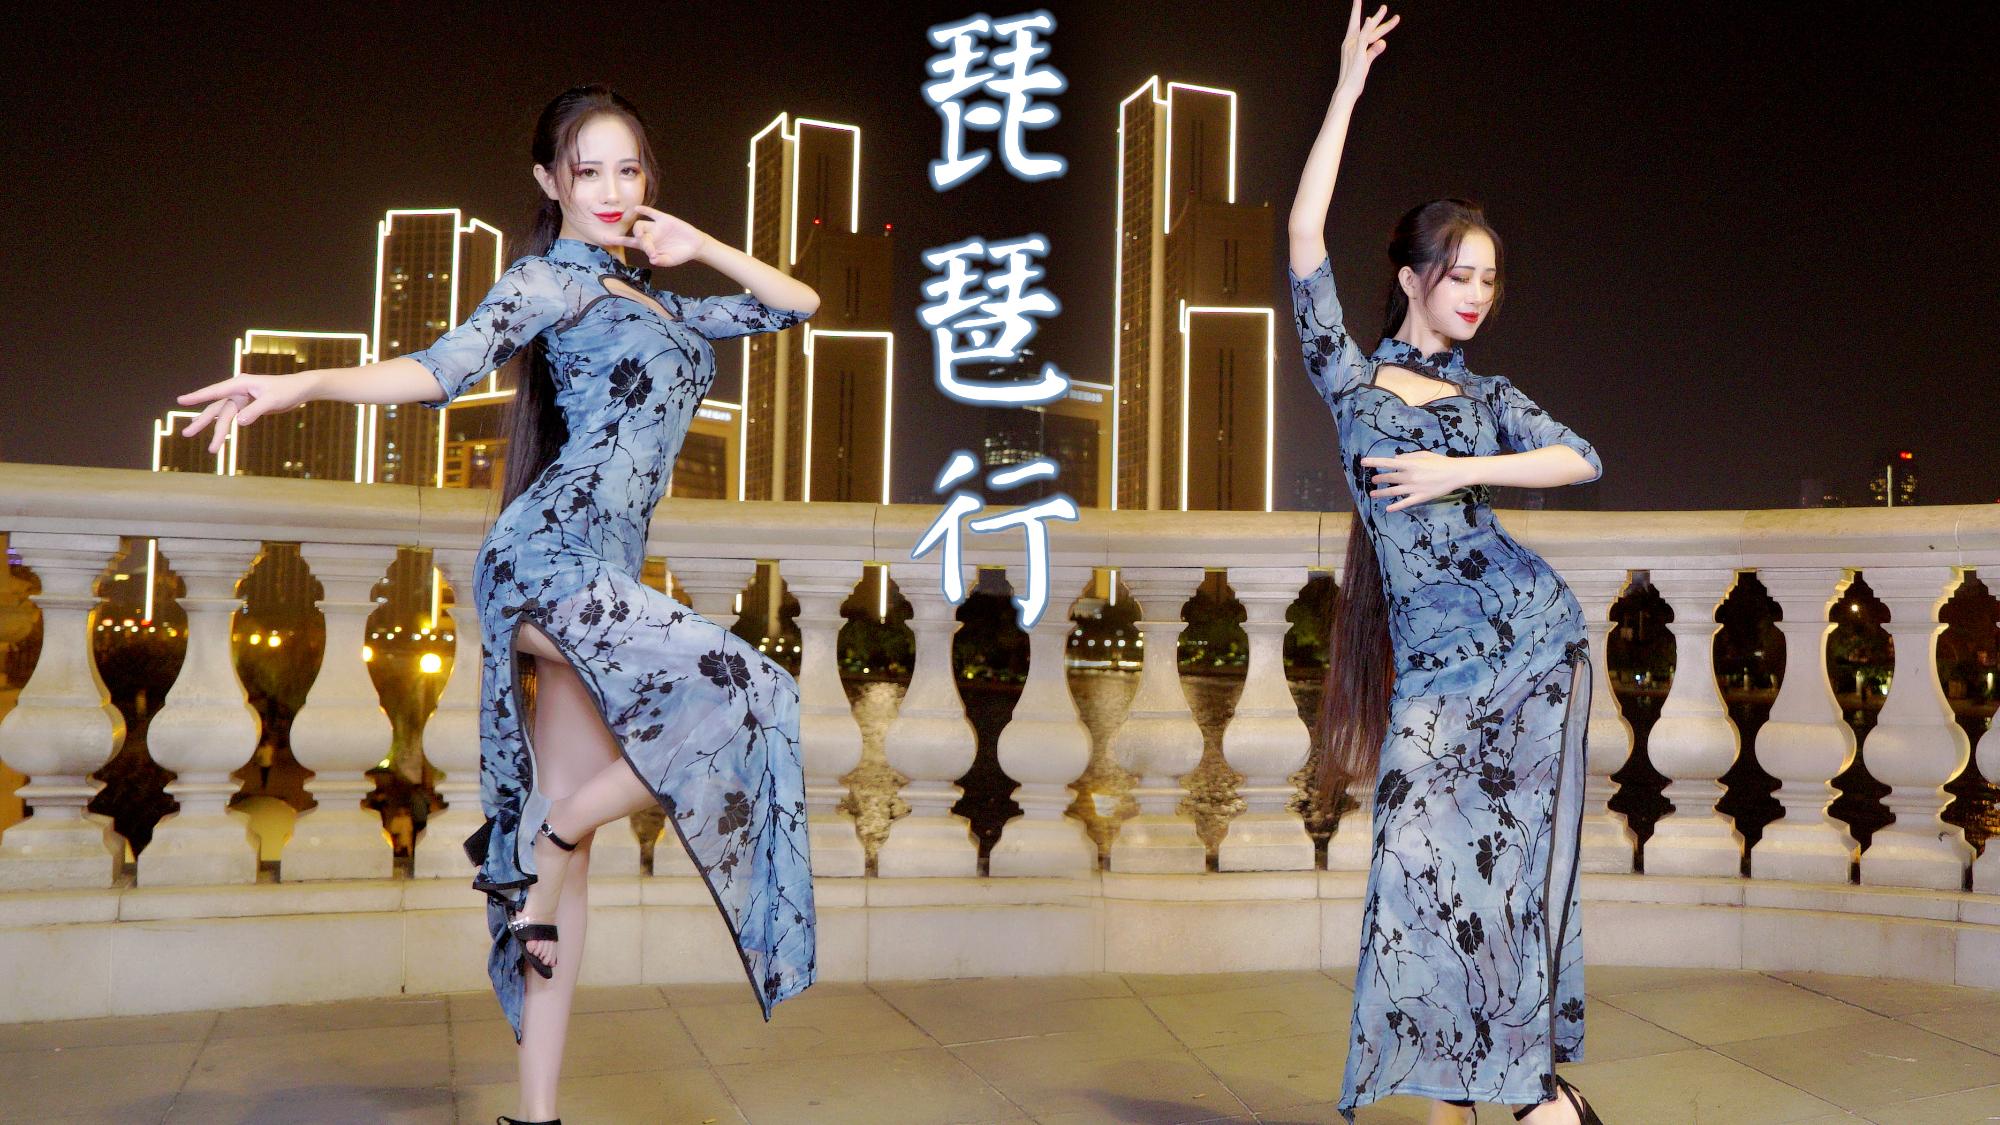 【郁漓】☆琵琶行☆繁华街头的旗袍舞蹈—春江花朝秋月夜、往往取酒还独倾